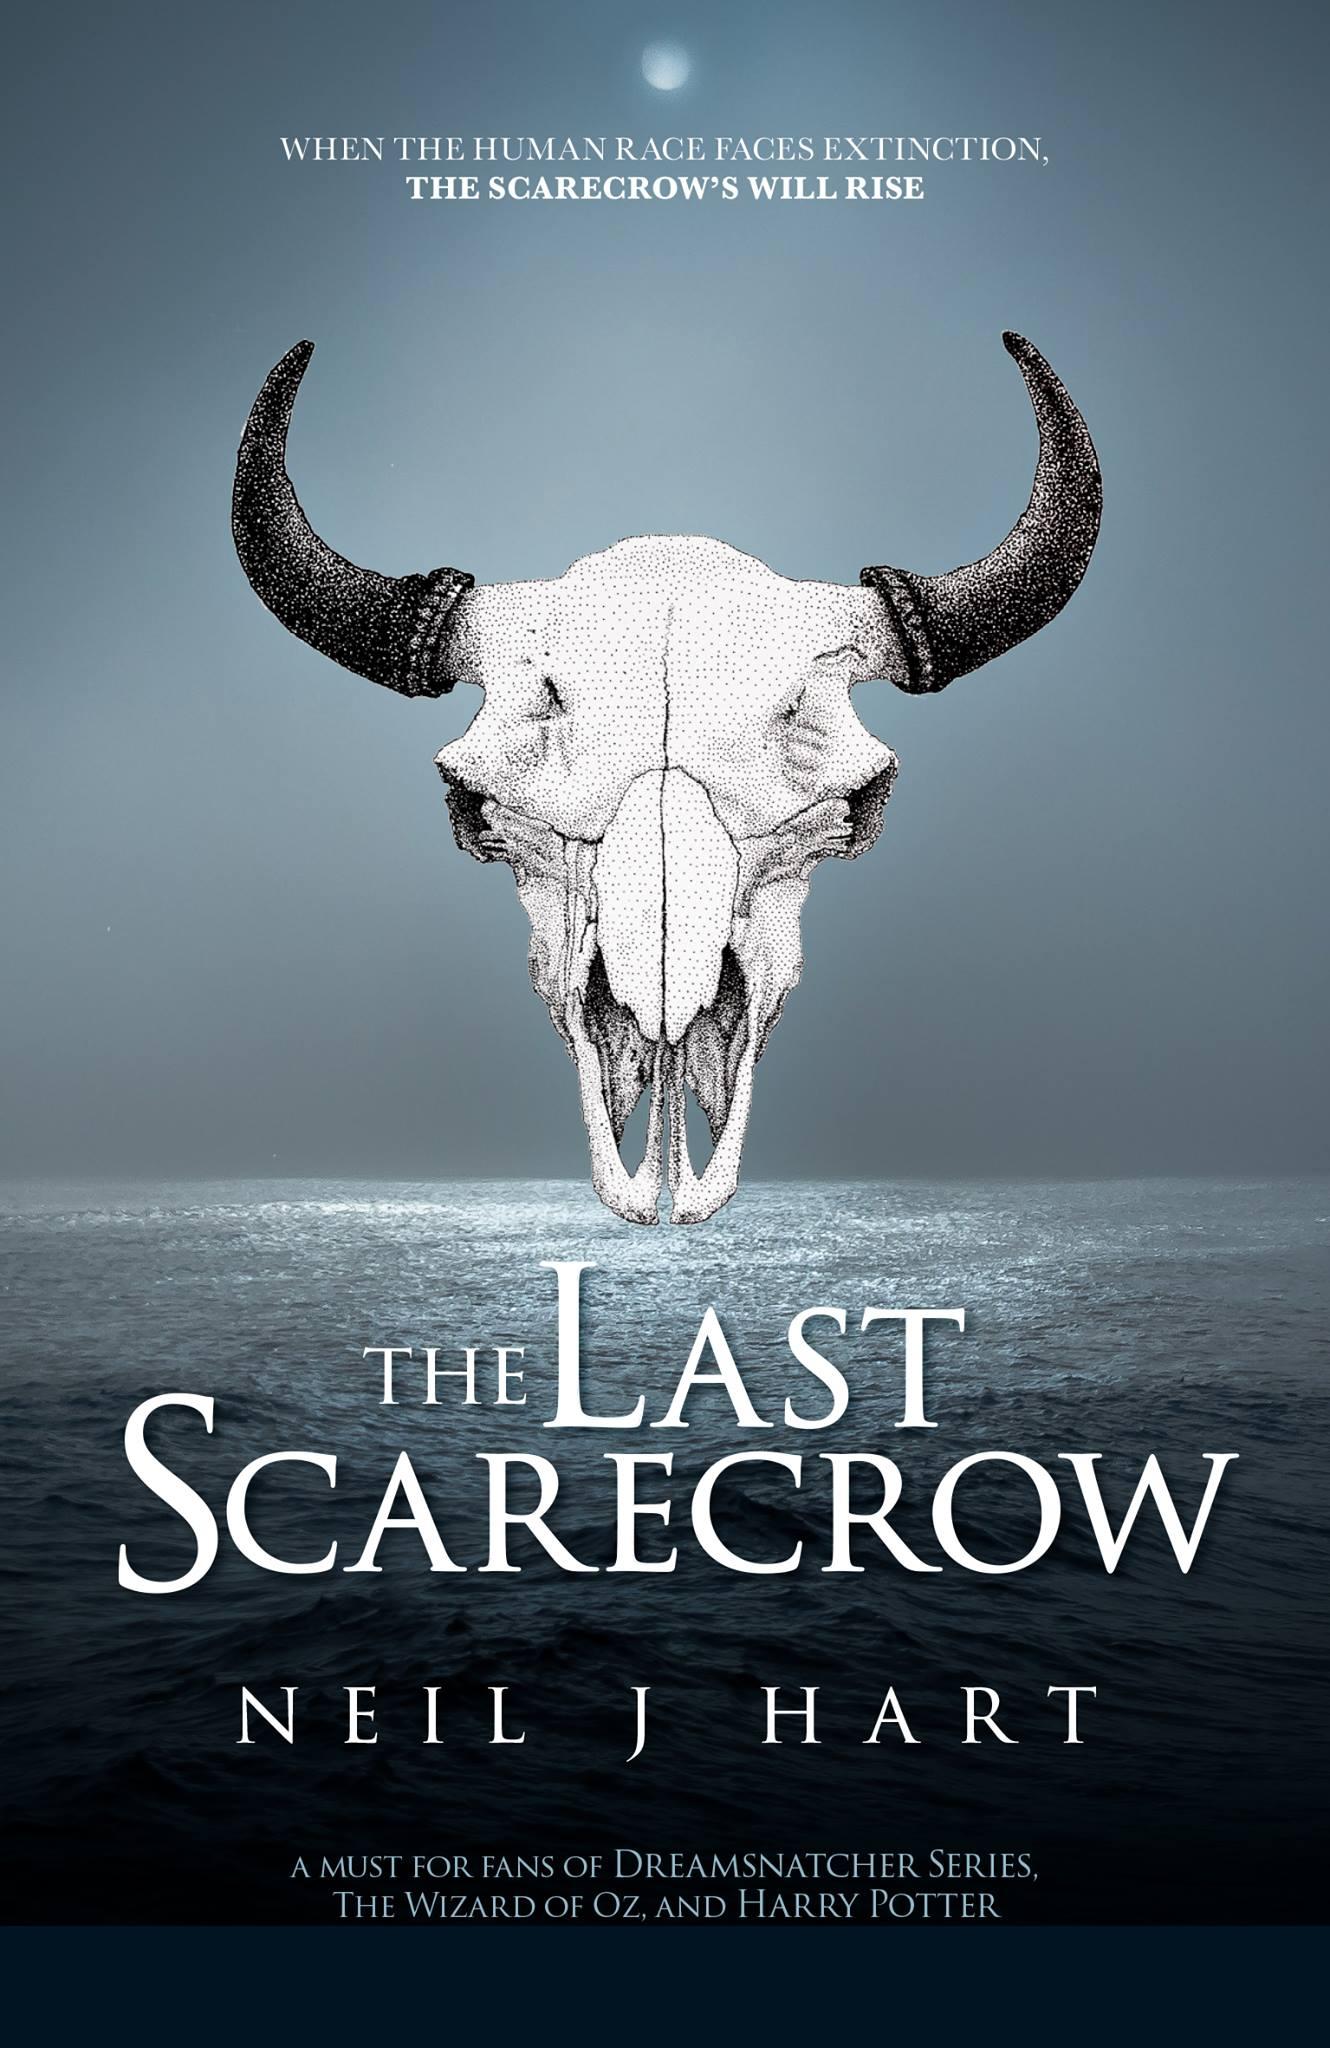 The Last Scarecrow